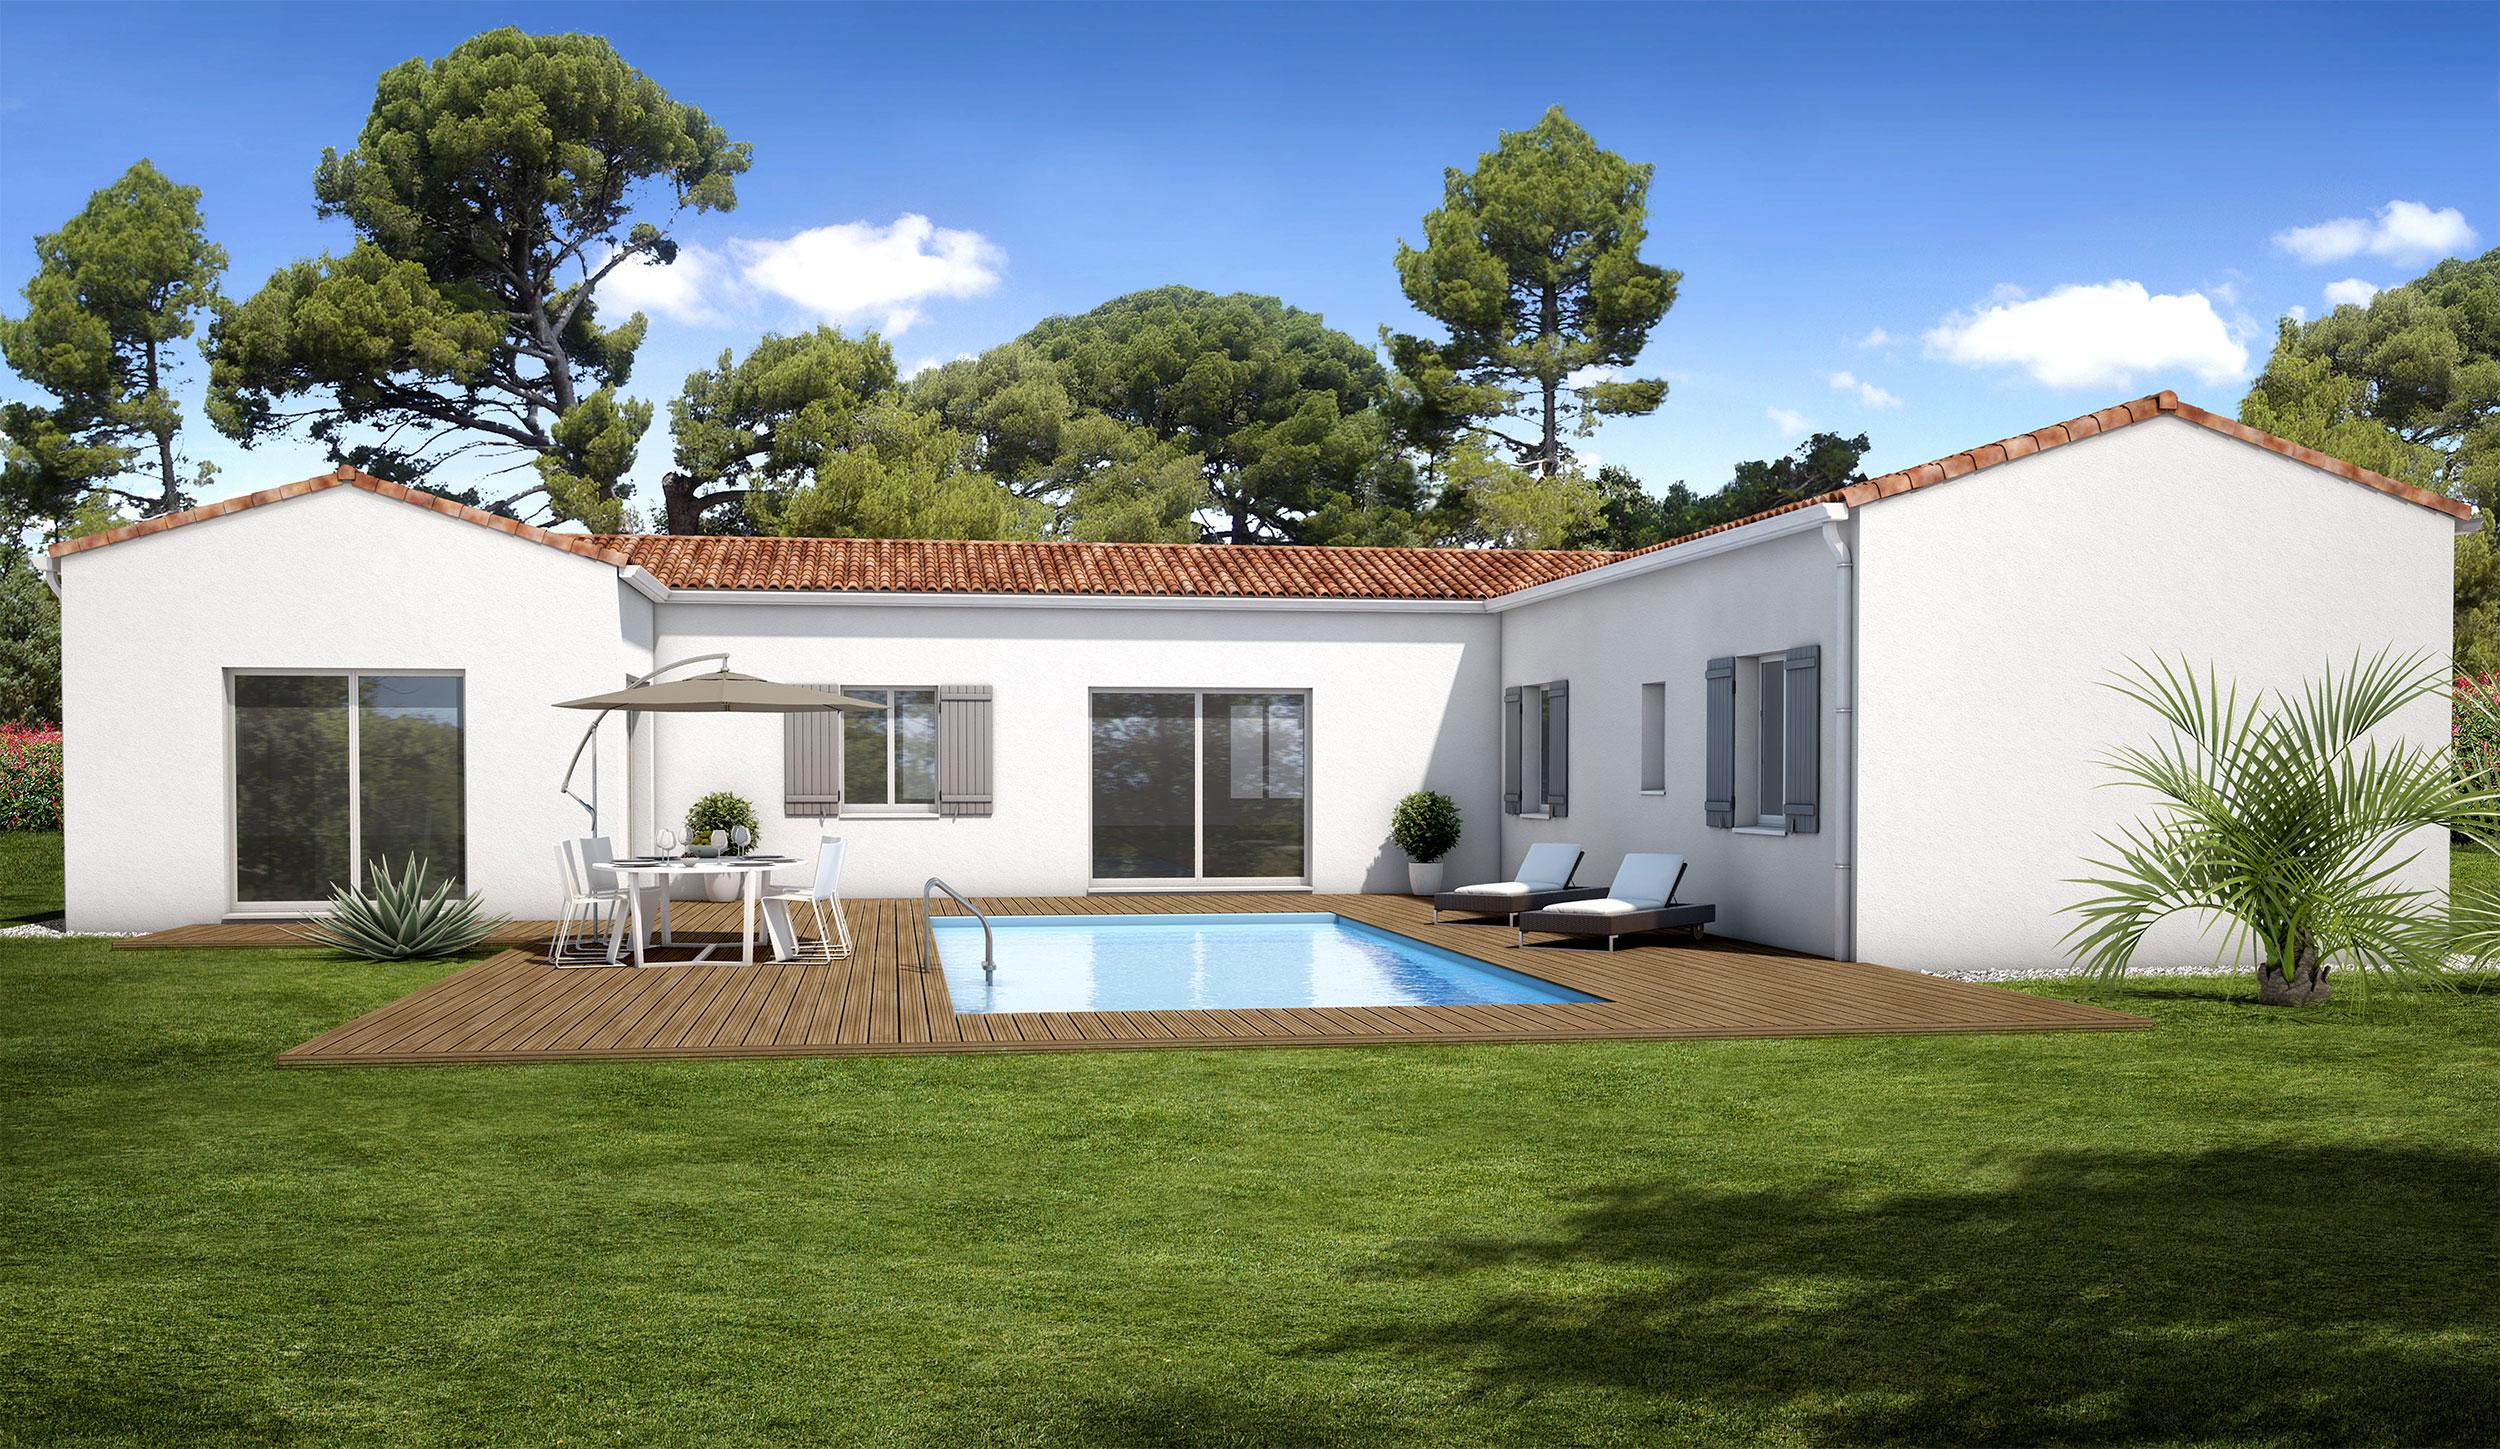 Ancien Modele Maison Traditionnelle Pertuis Maisons Bati France Constructeur Maison Neuve Languedoc Roussillon